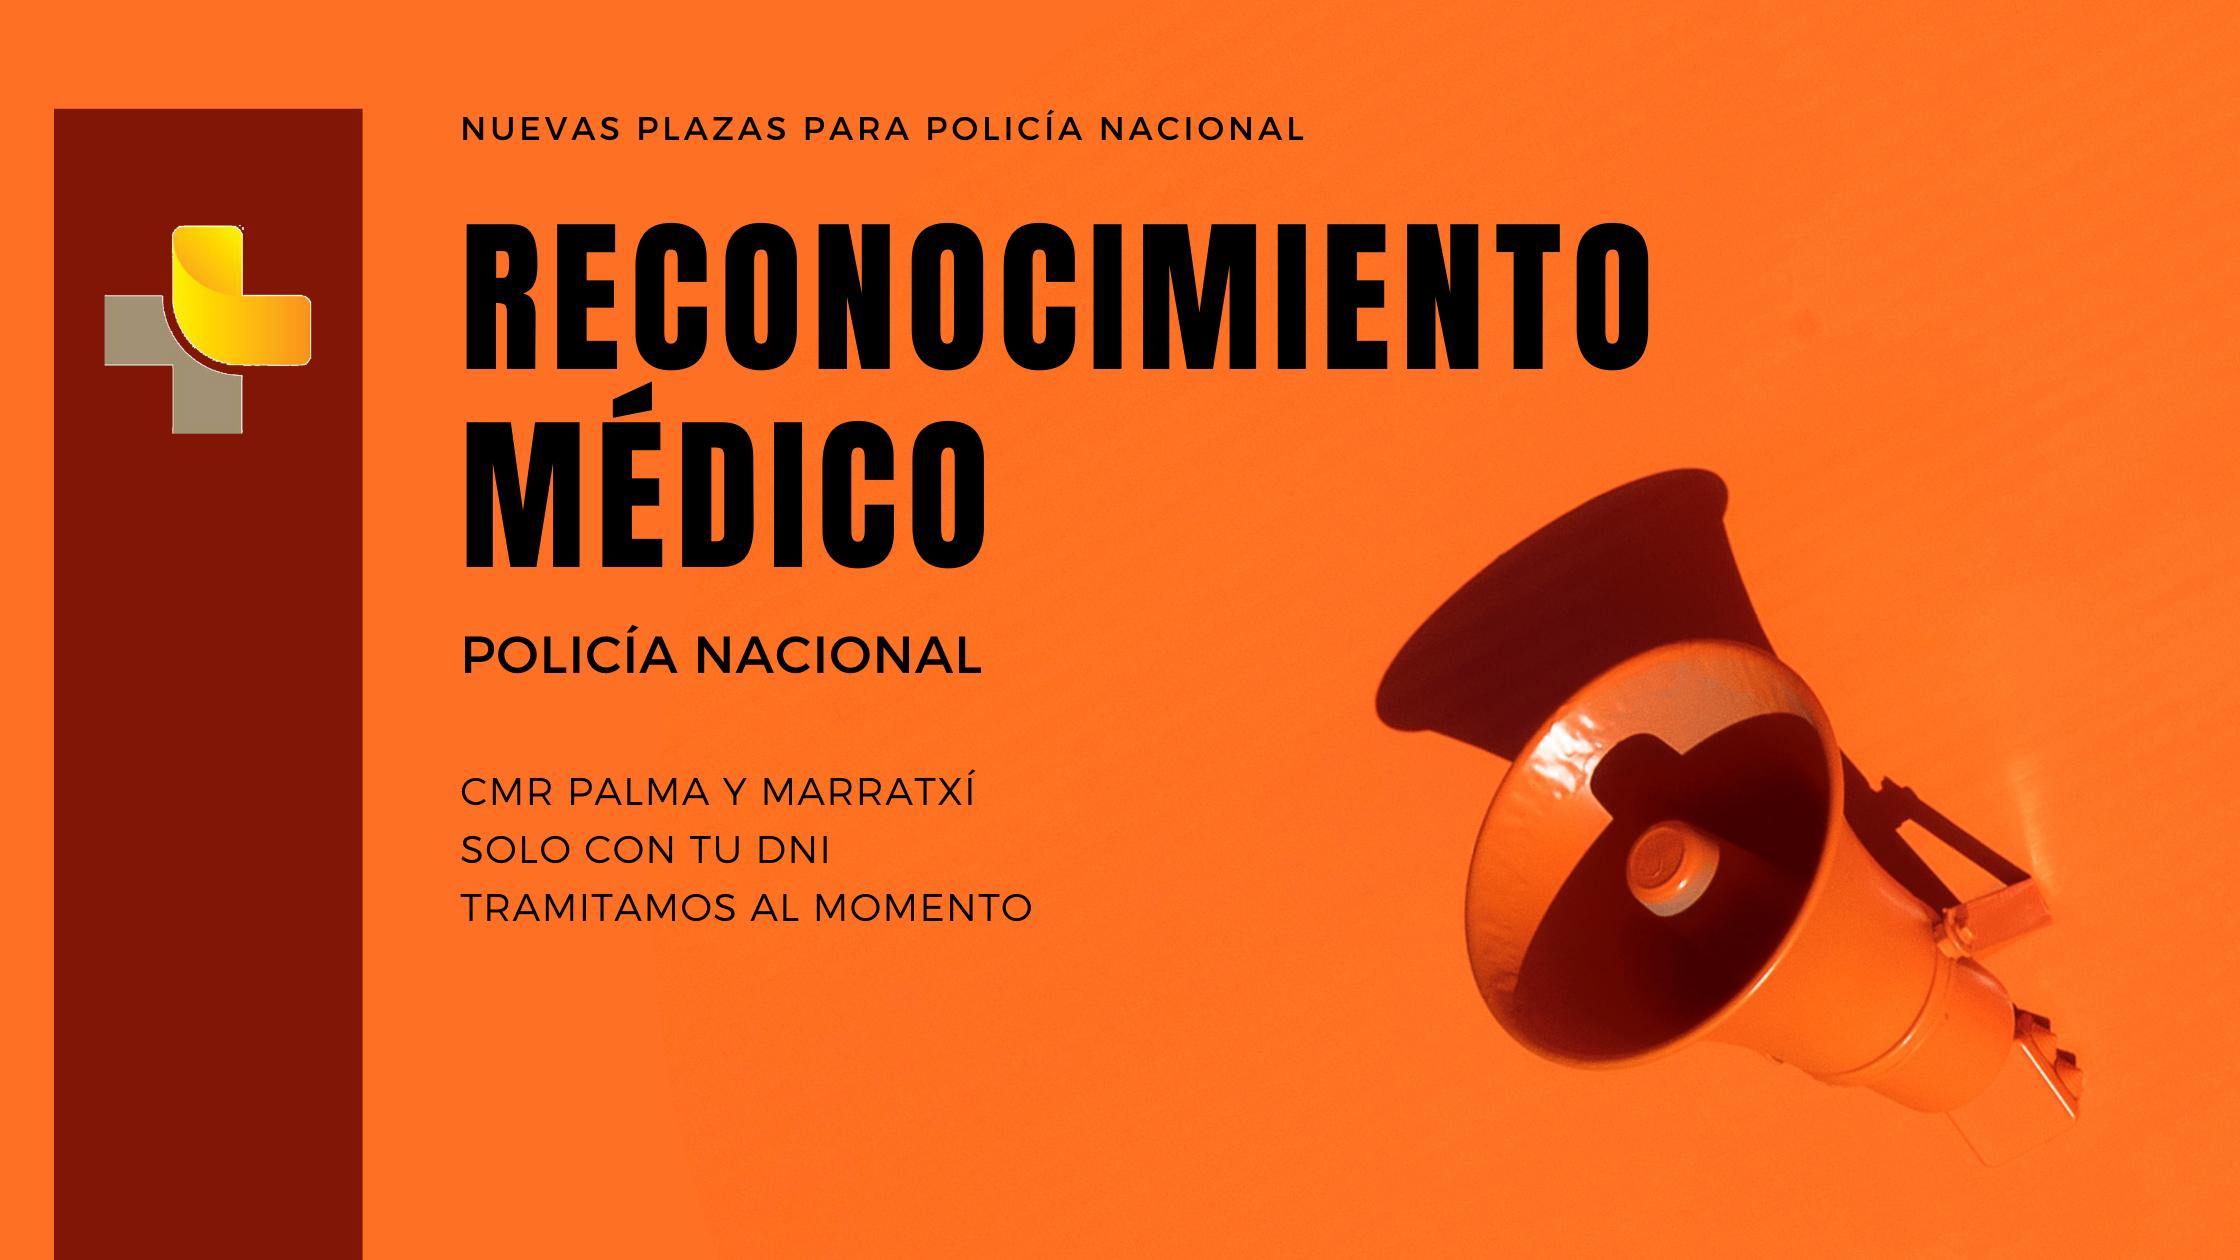 reconocimiento medico plazas policia